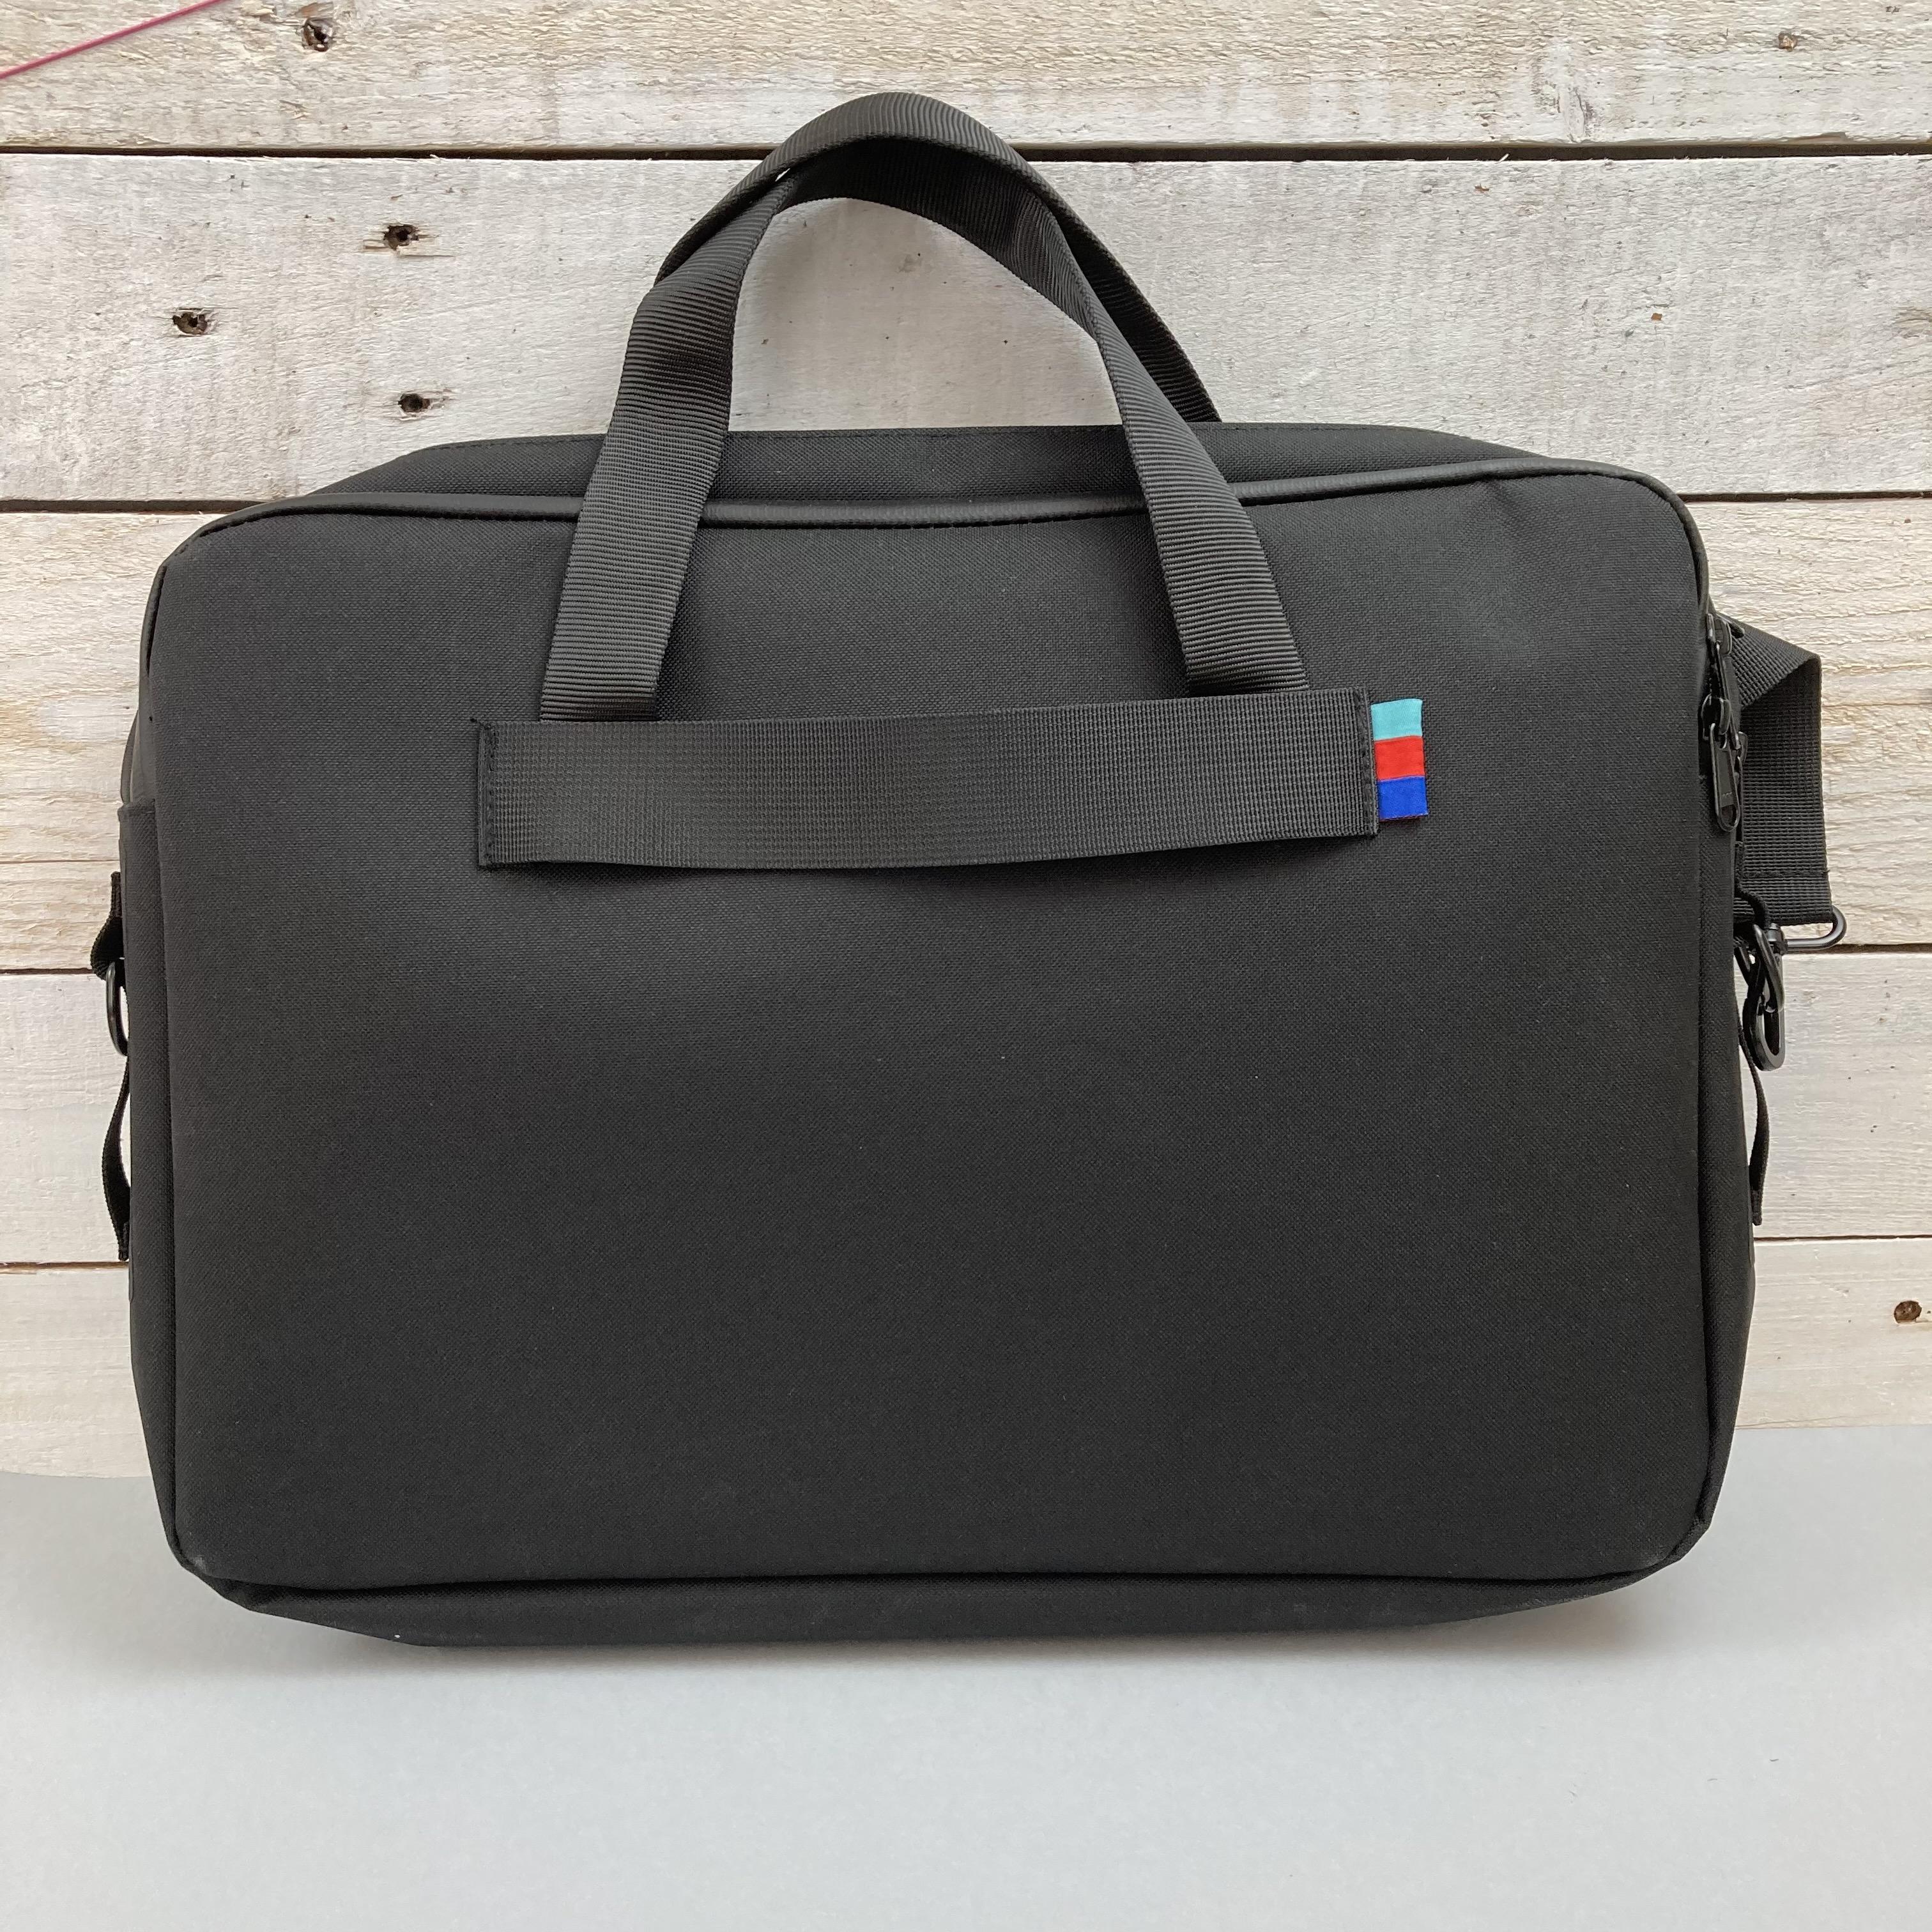 BUSINESS BAG von GOT BAG